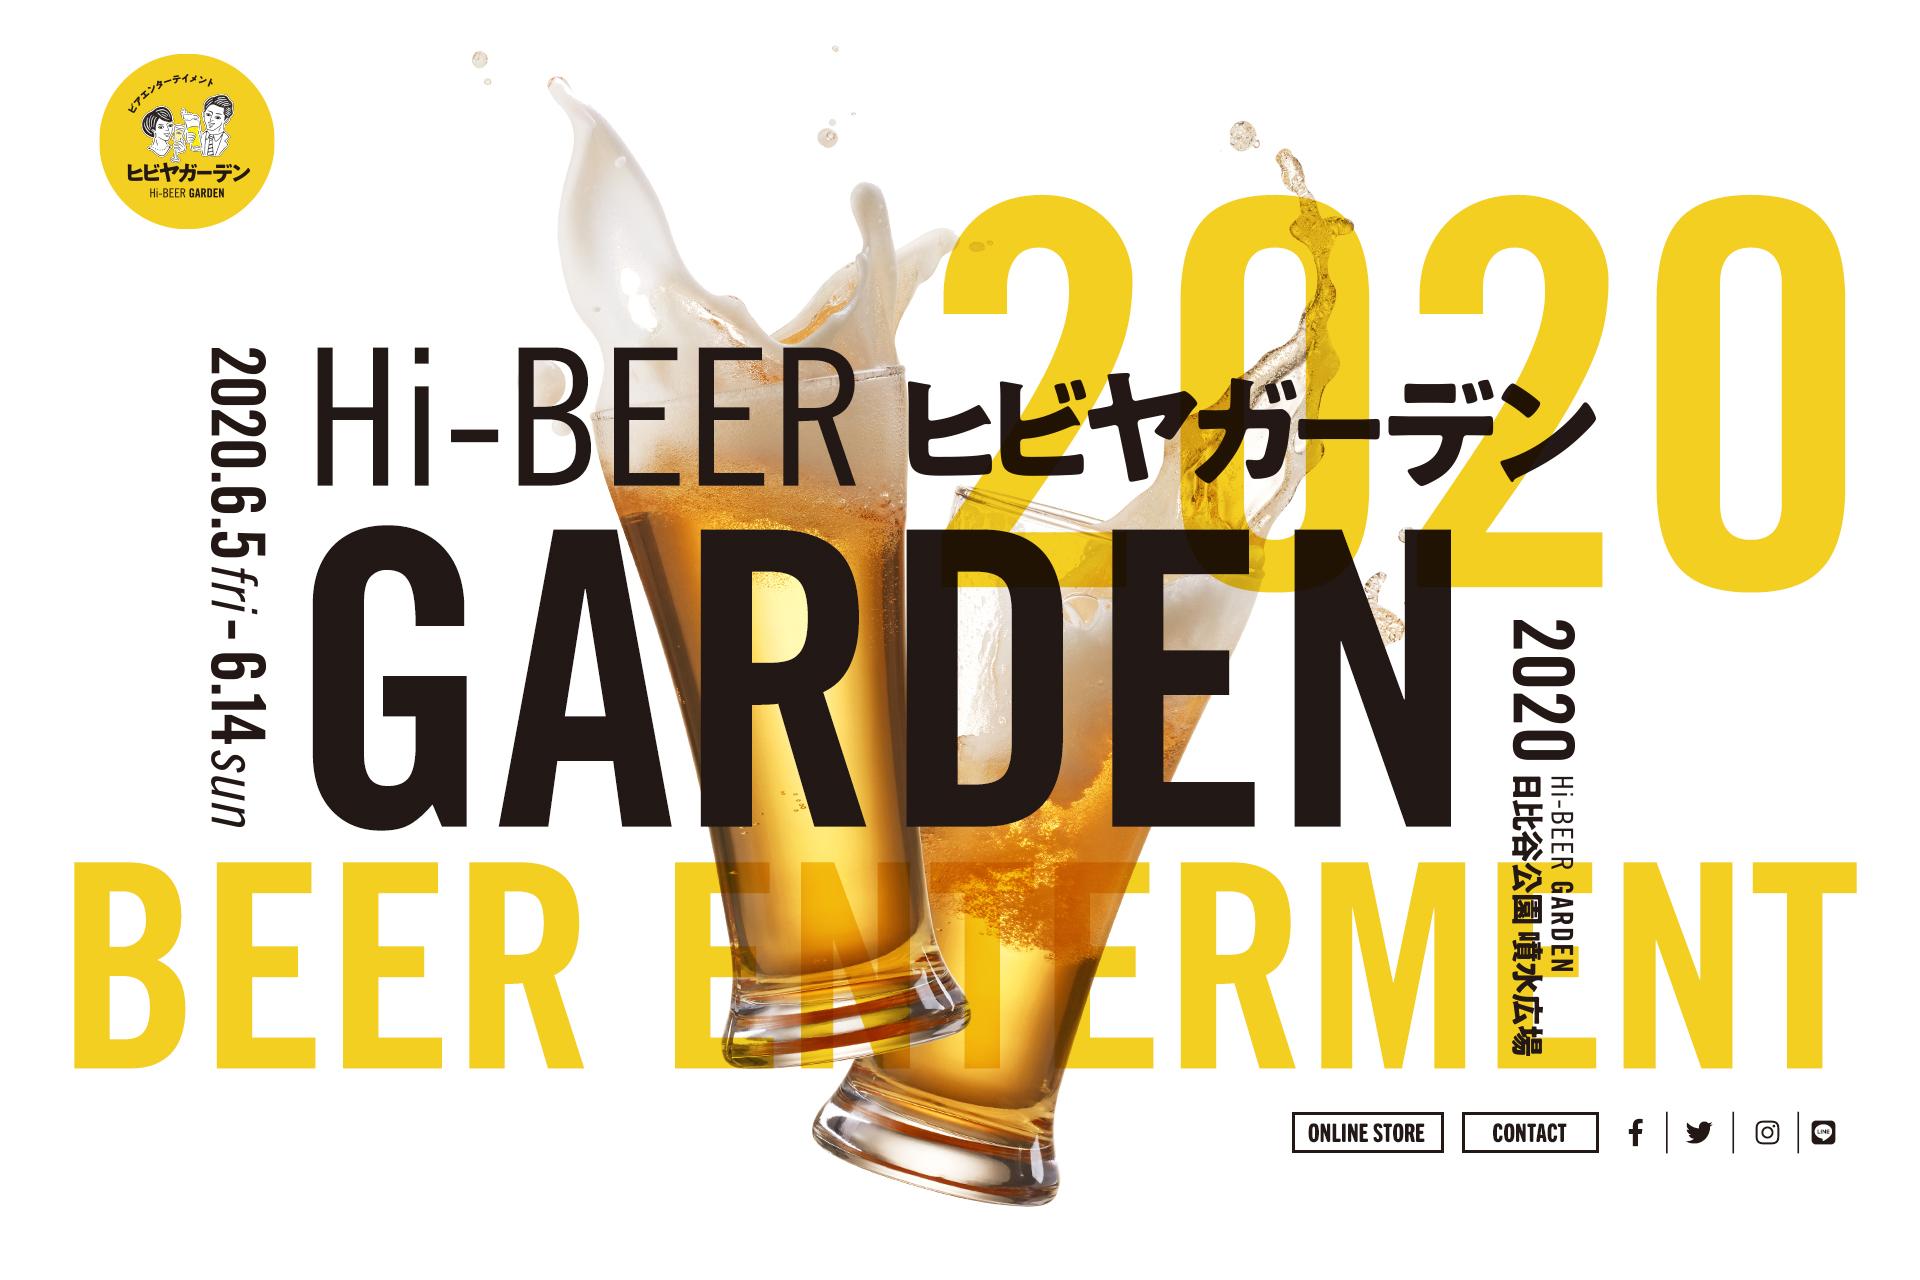 ヒビヤガーデン2020 開催決定!世界12ヶ国、100種類のビールが集結!!